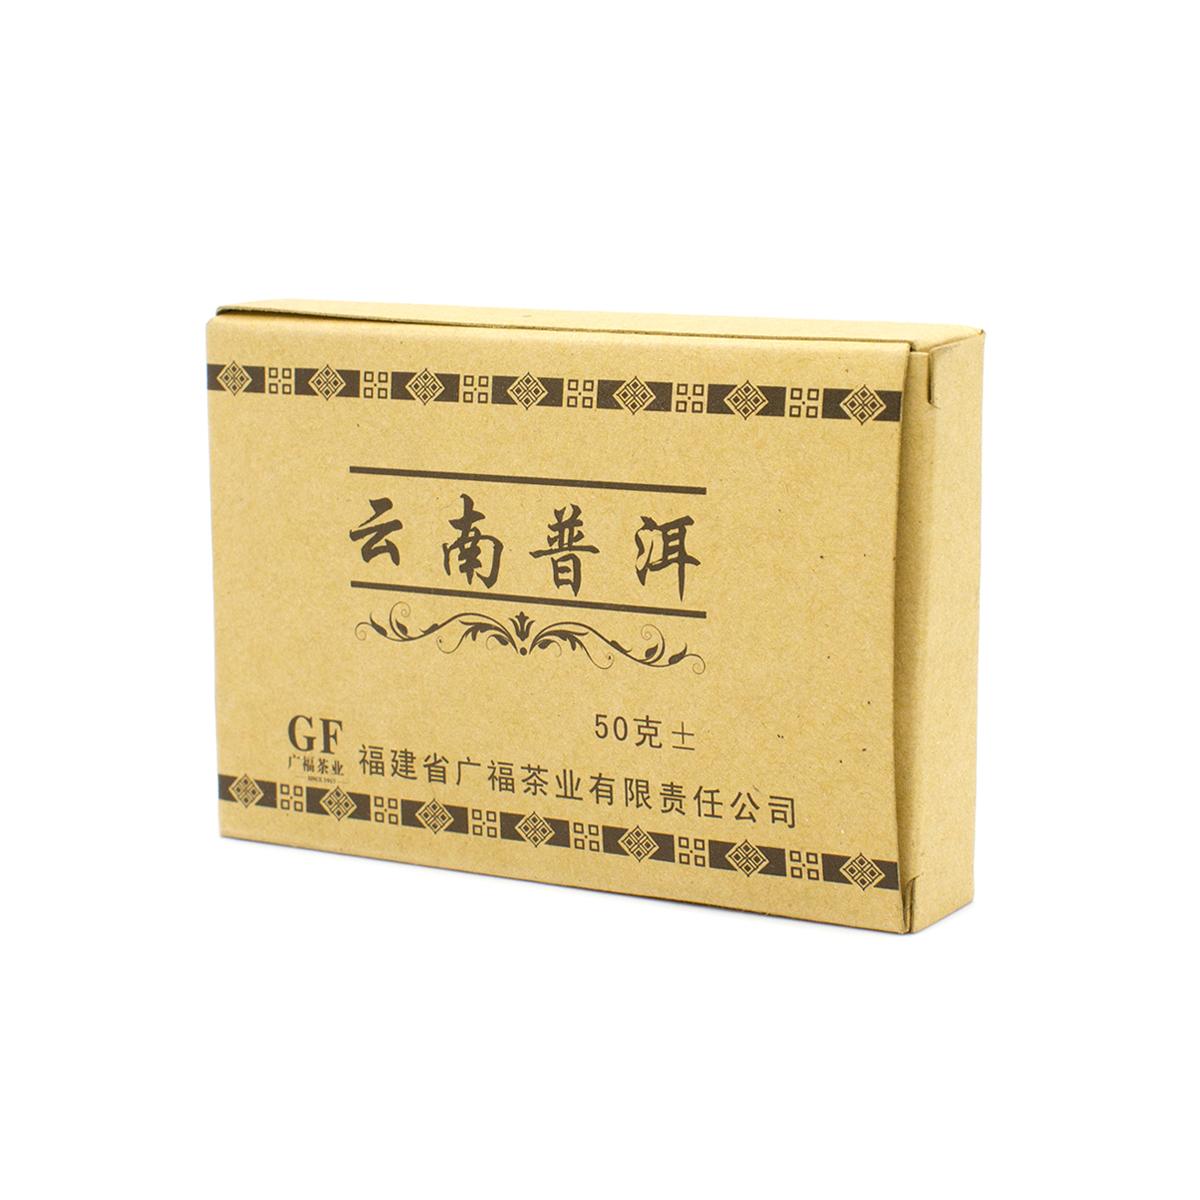 купить Шу Пуэр (плитка), 50 г недорого